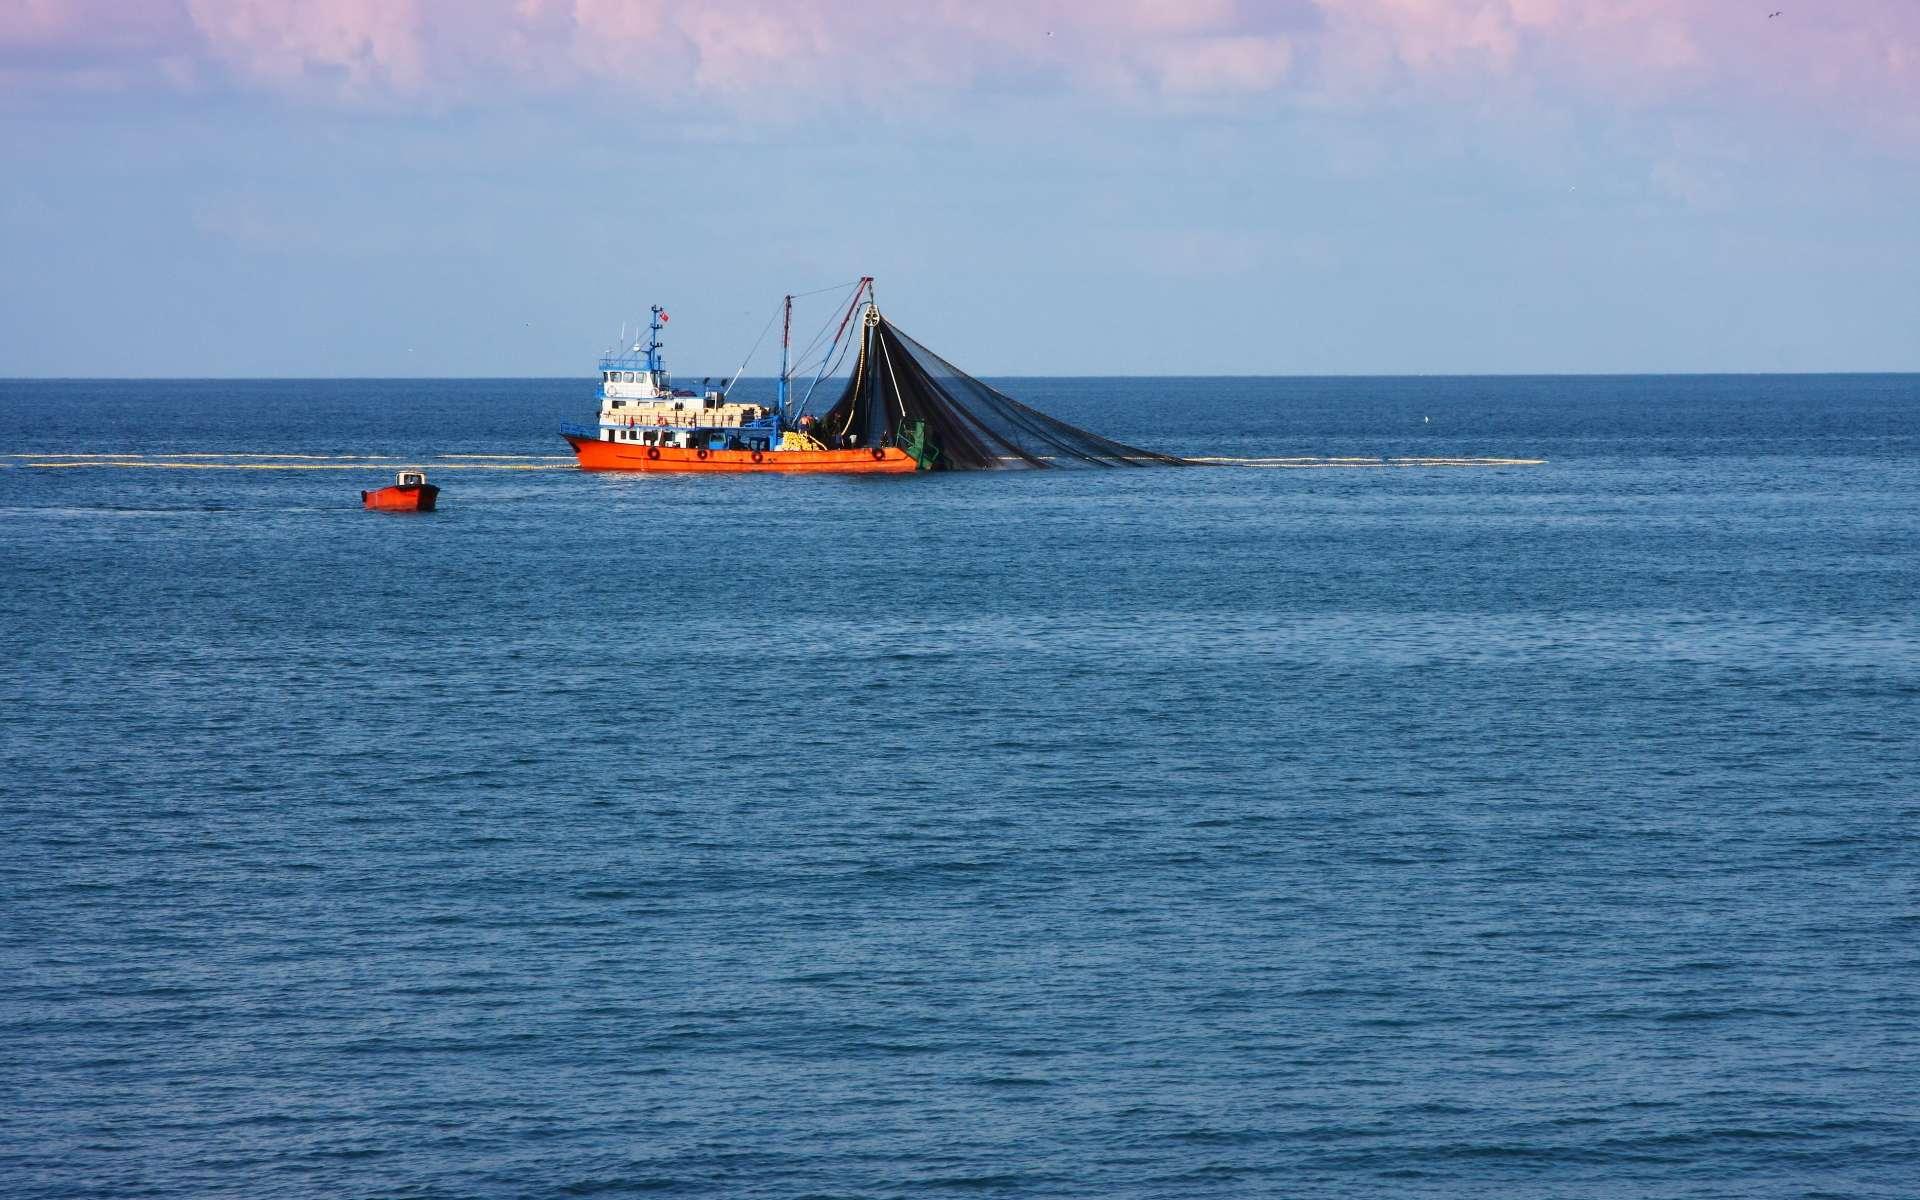 Le chalutage consiste, comme ici en mer Noire, à descendre un large filet au niveau du fond, maintenu ouvert par deux panneaux latéraux et par un lestage de la « lèvre » inférieure de l'ouverture tandis que le navire le tracte. Pratiquée à grande profondeur, cette pêche, marginale, puise dans des stocks mal connus et peut aussi détruire des récifs coralliens, assez fréquents à ces profondeurs. © Yavuz Sariyildiz, Shutterstock